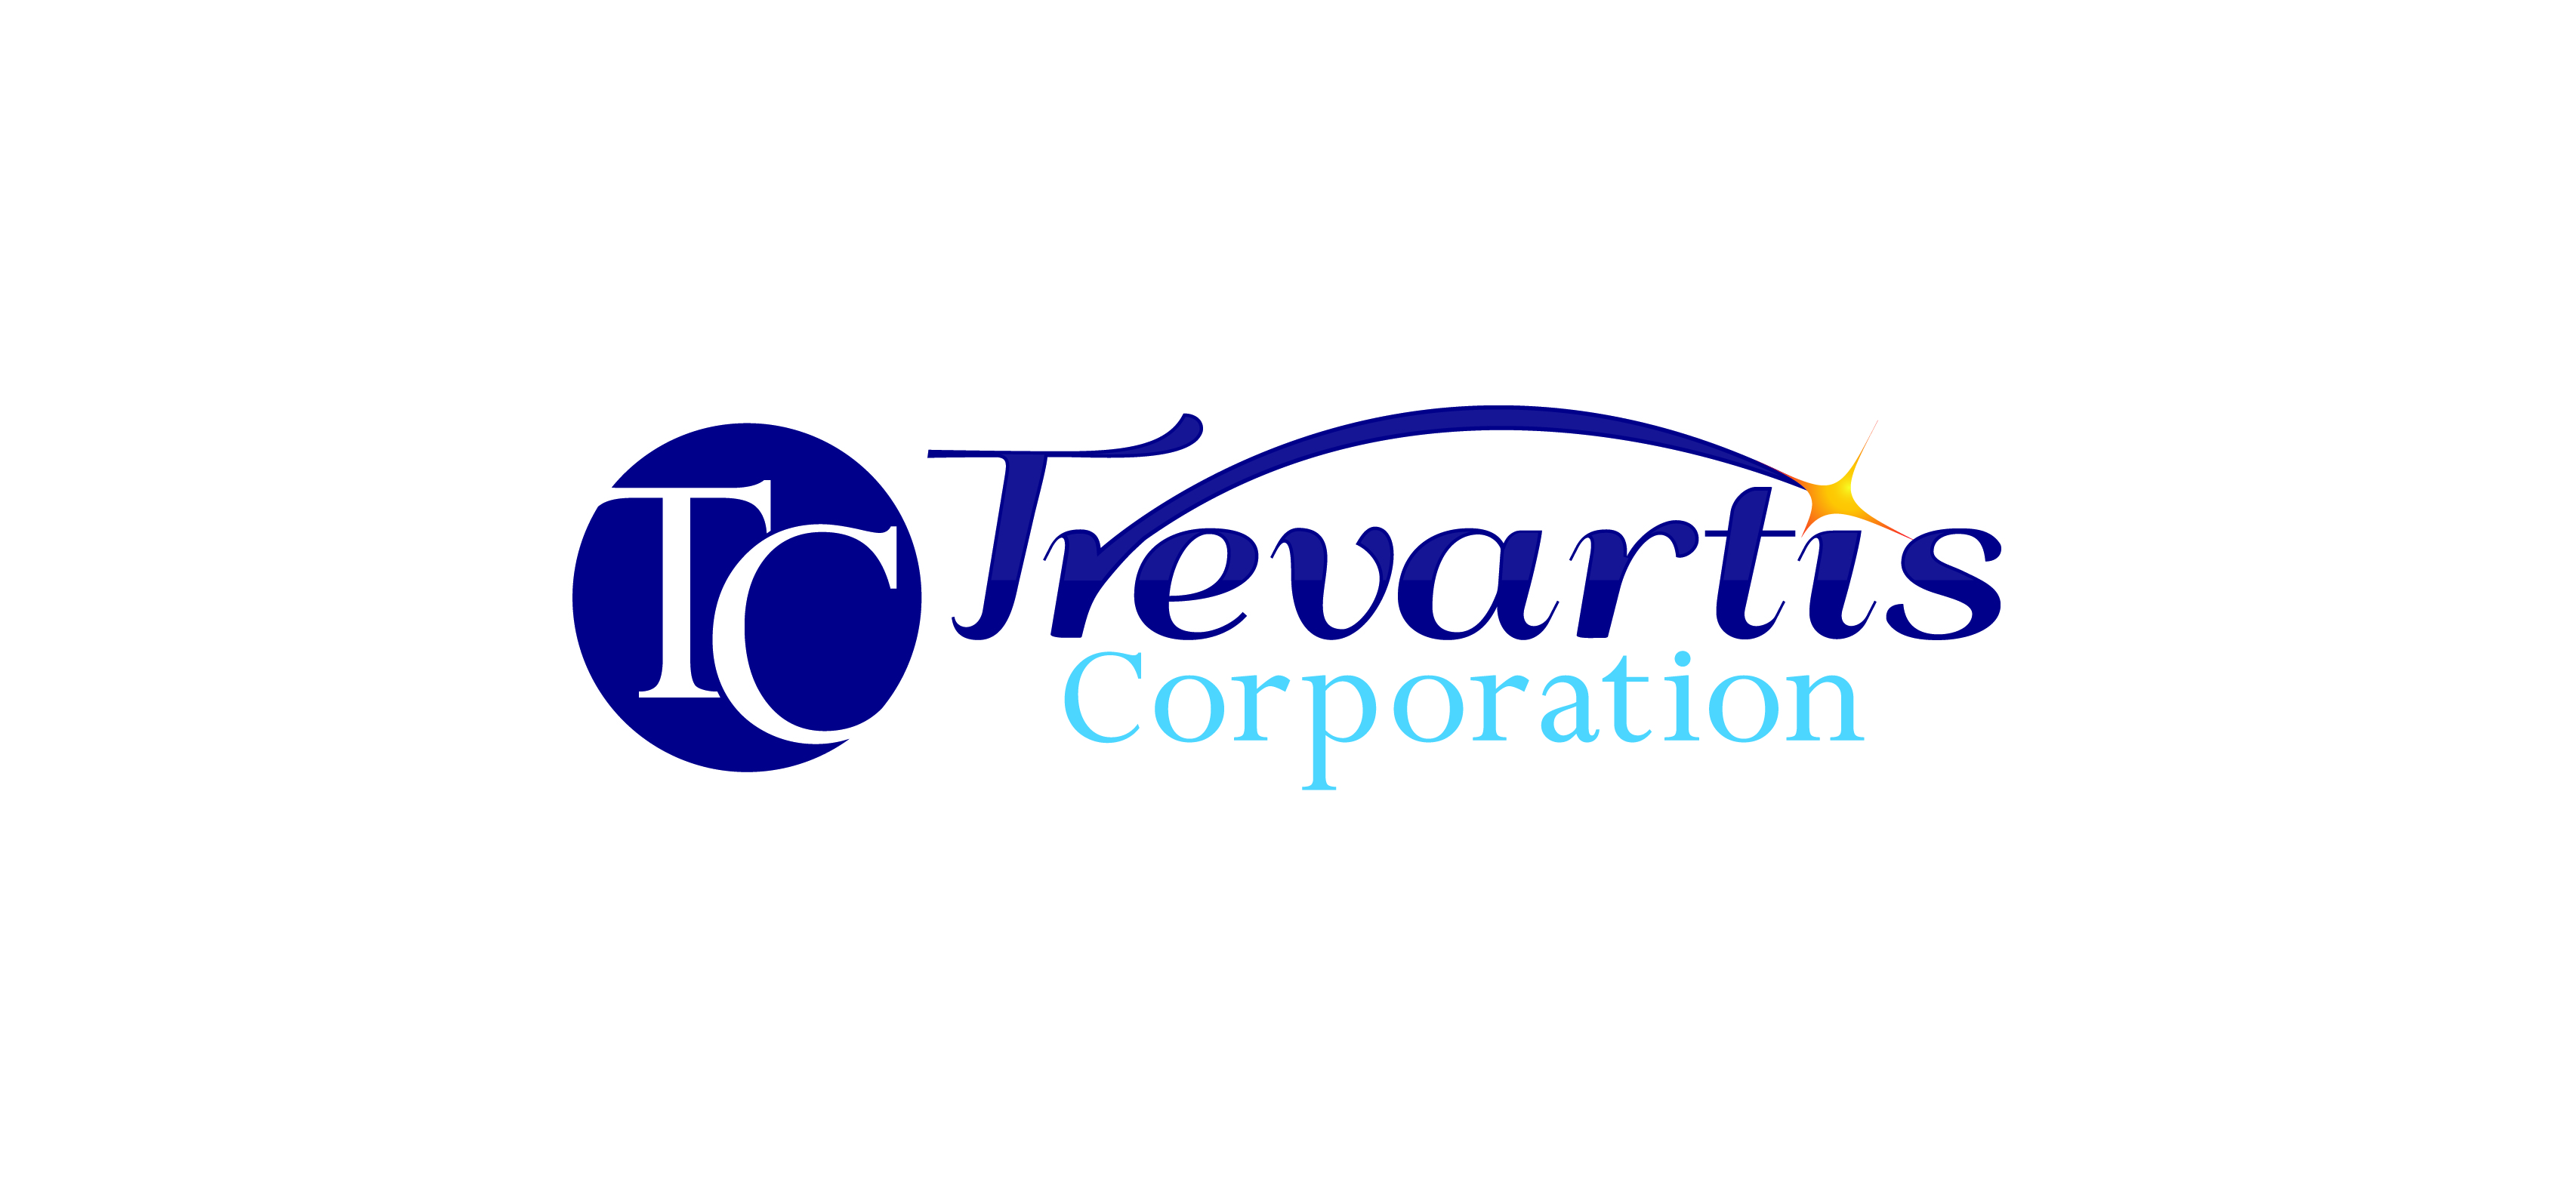 TREVARTIS CORPORATION